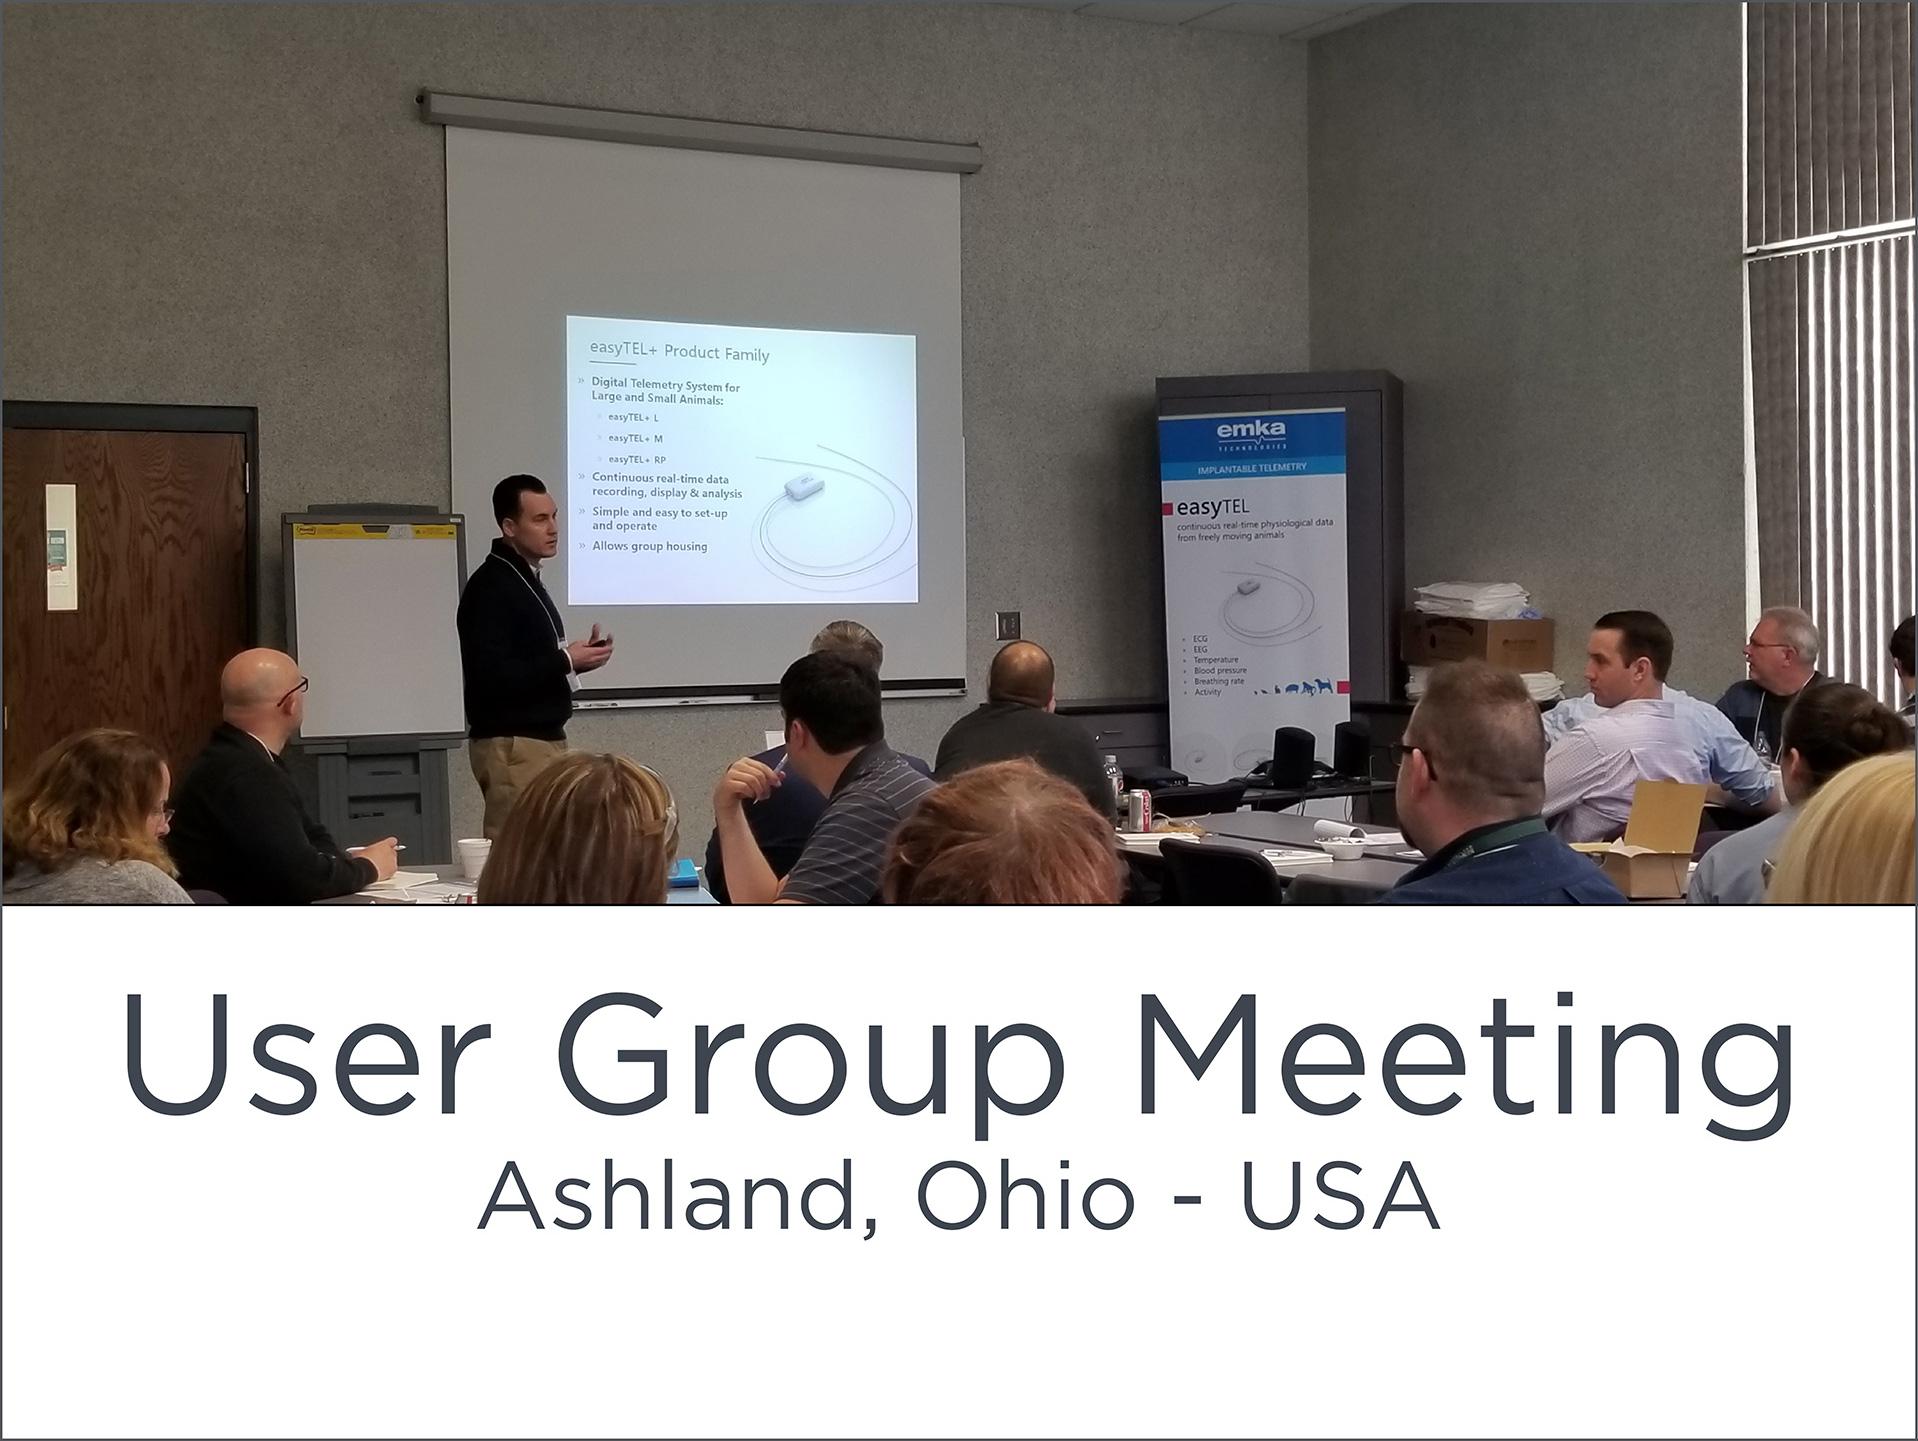 User Group Meeting – USA emka user group meeting Ashland 1